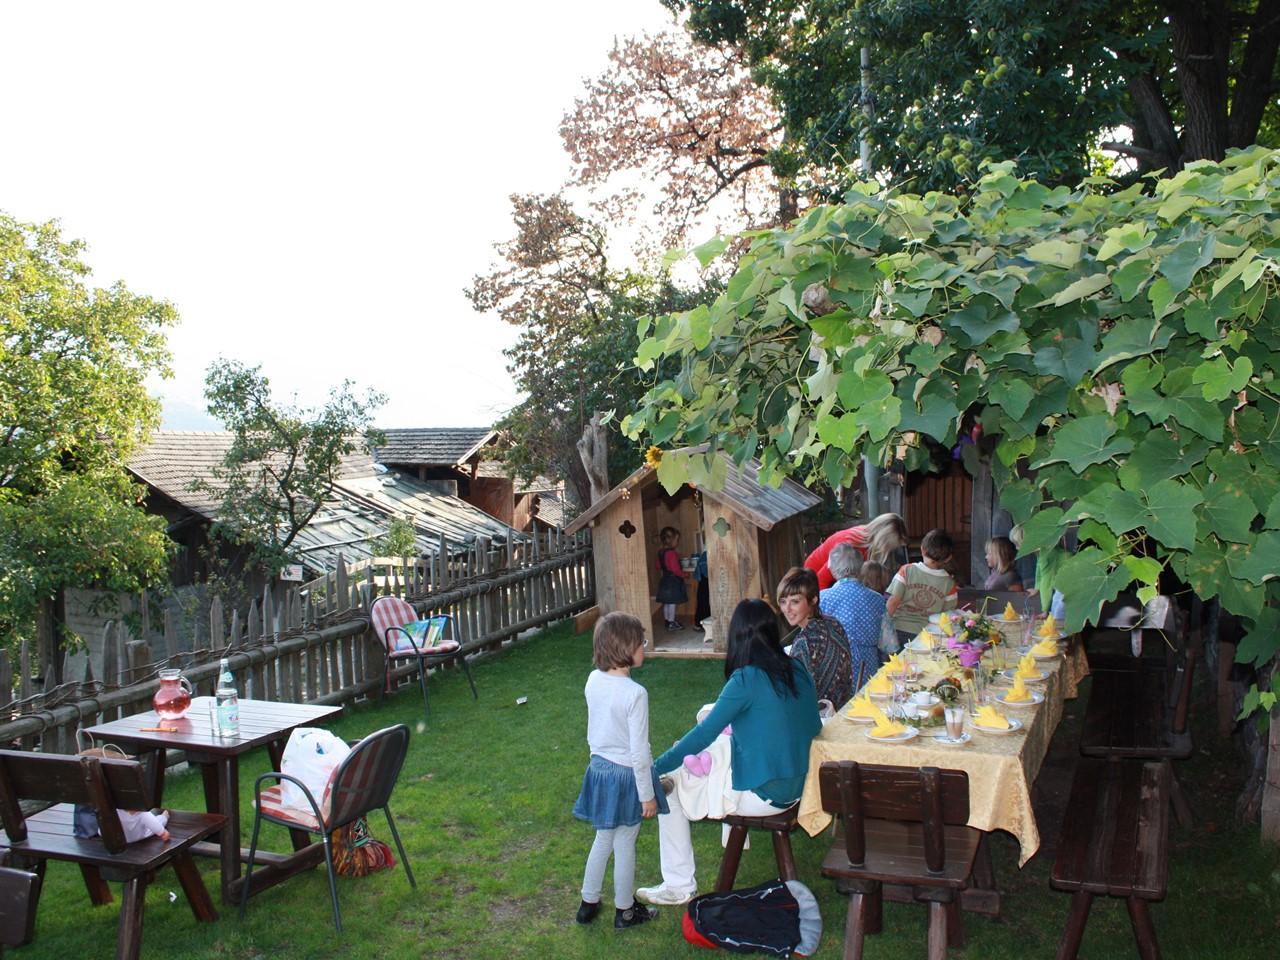 Outdoorküche Kinder Leipzig : Outdoor küche kinder. theke küche selber bauen paletten modern